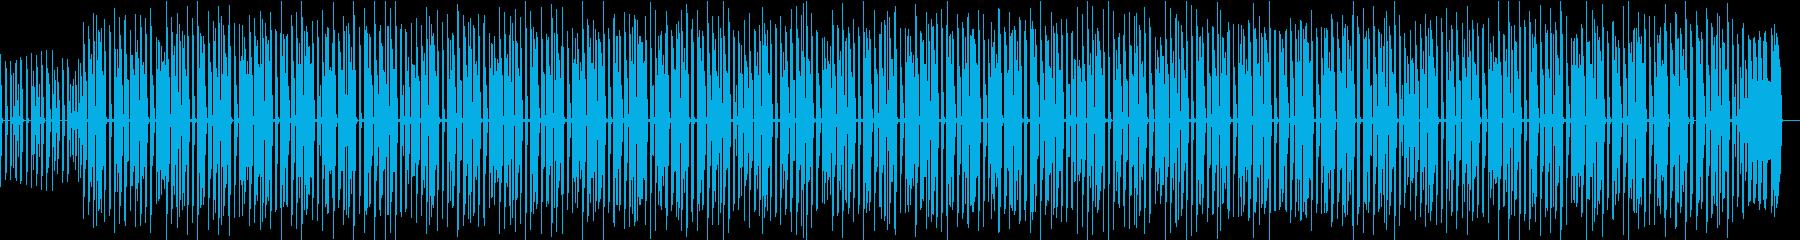 スーパーで流れていそうなチープなBGMの再生済みの波形